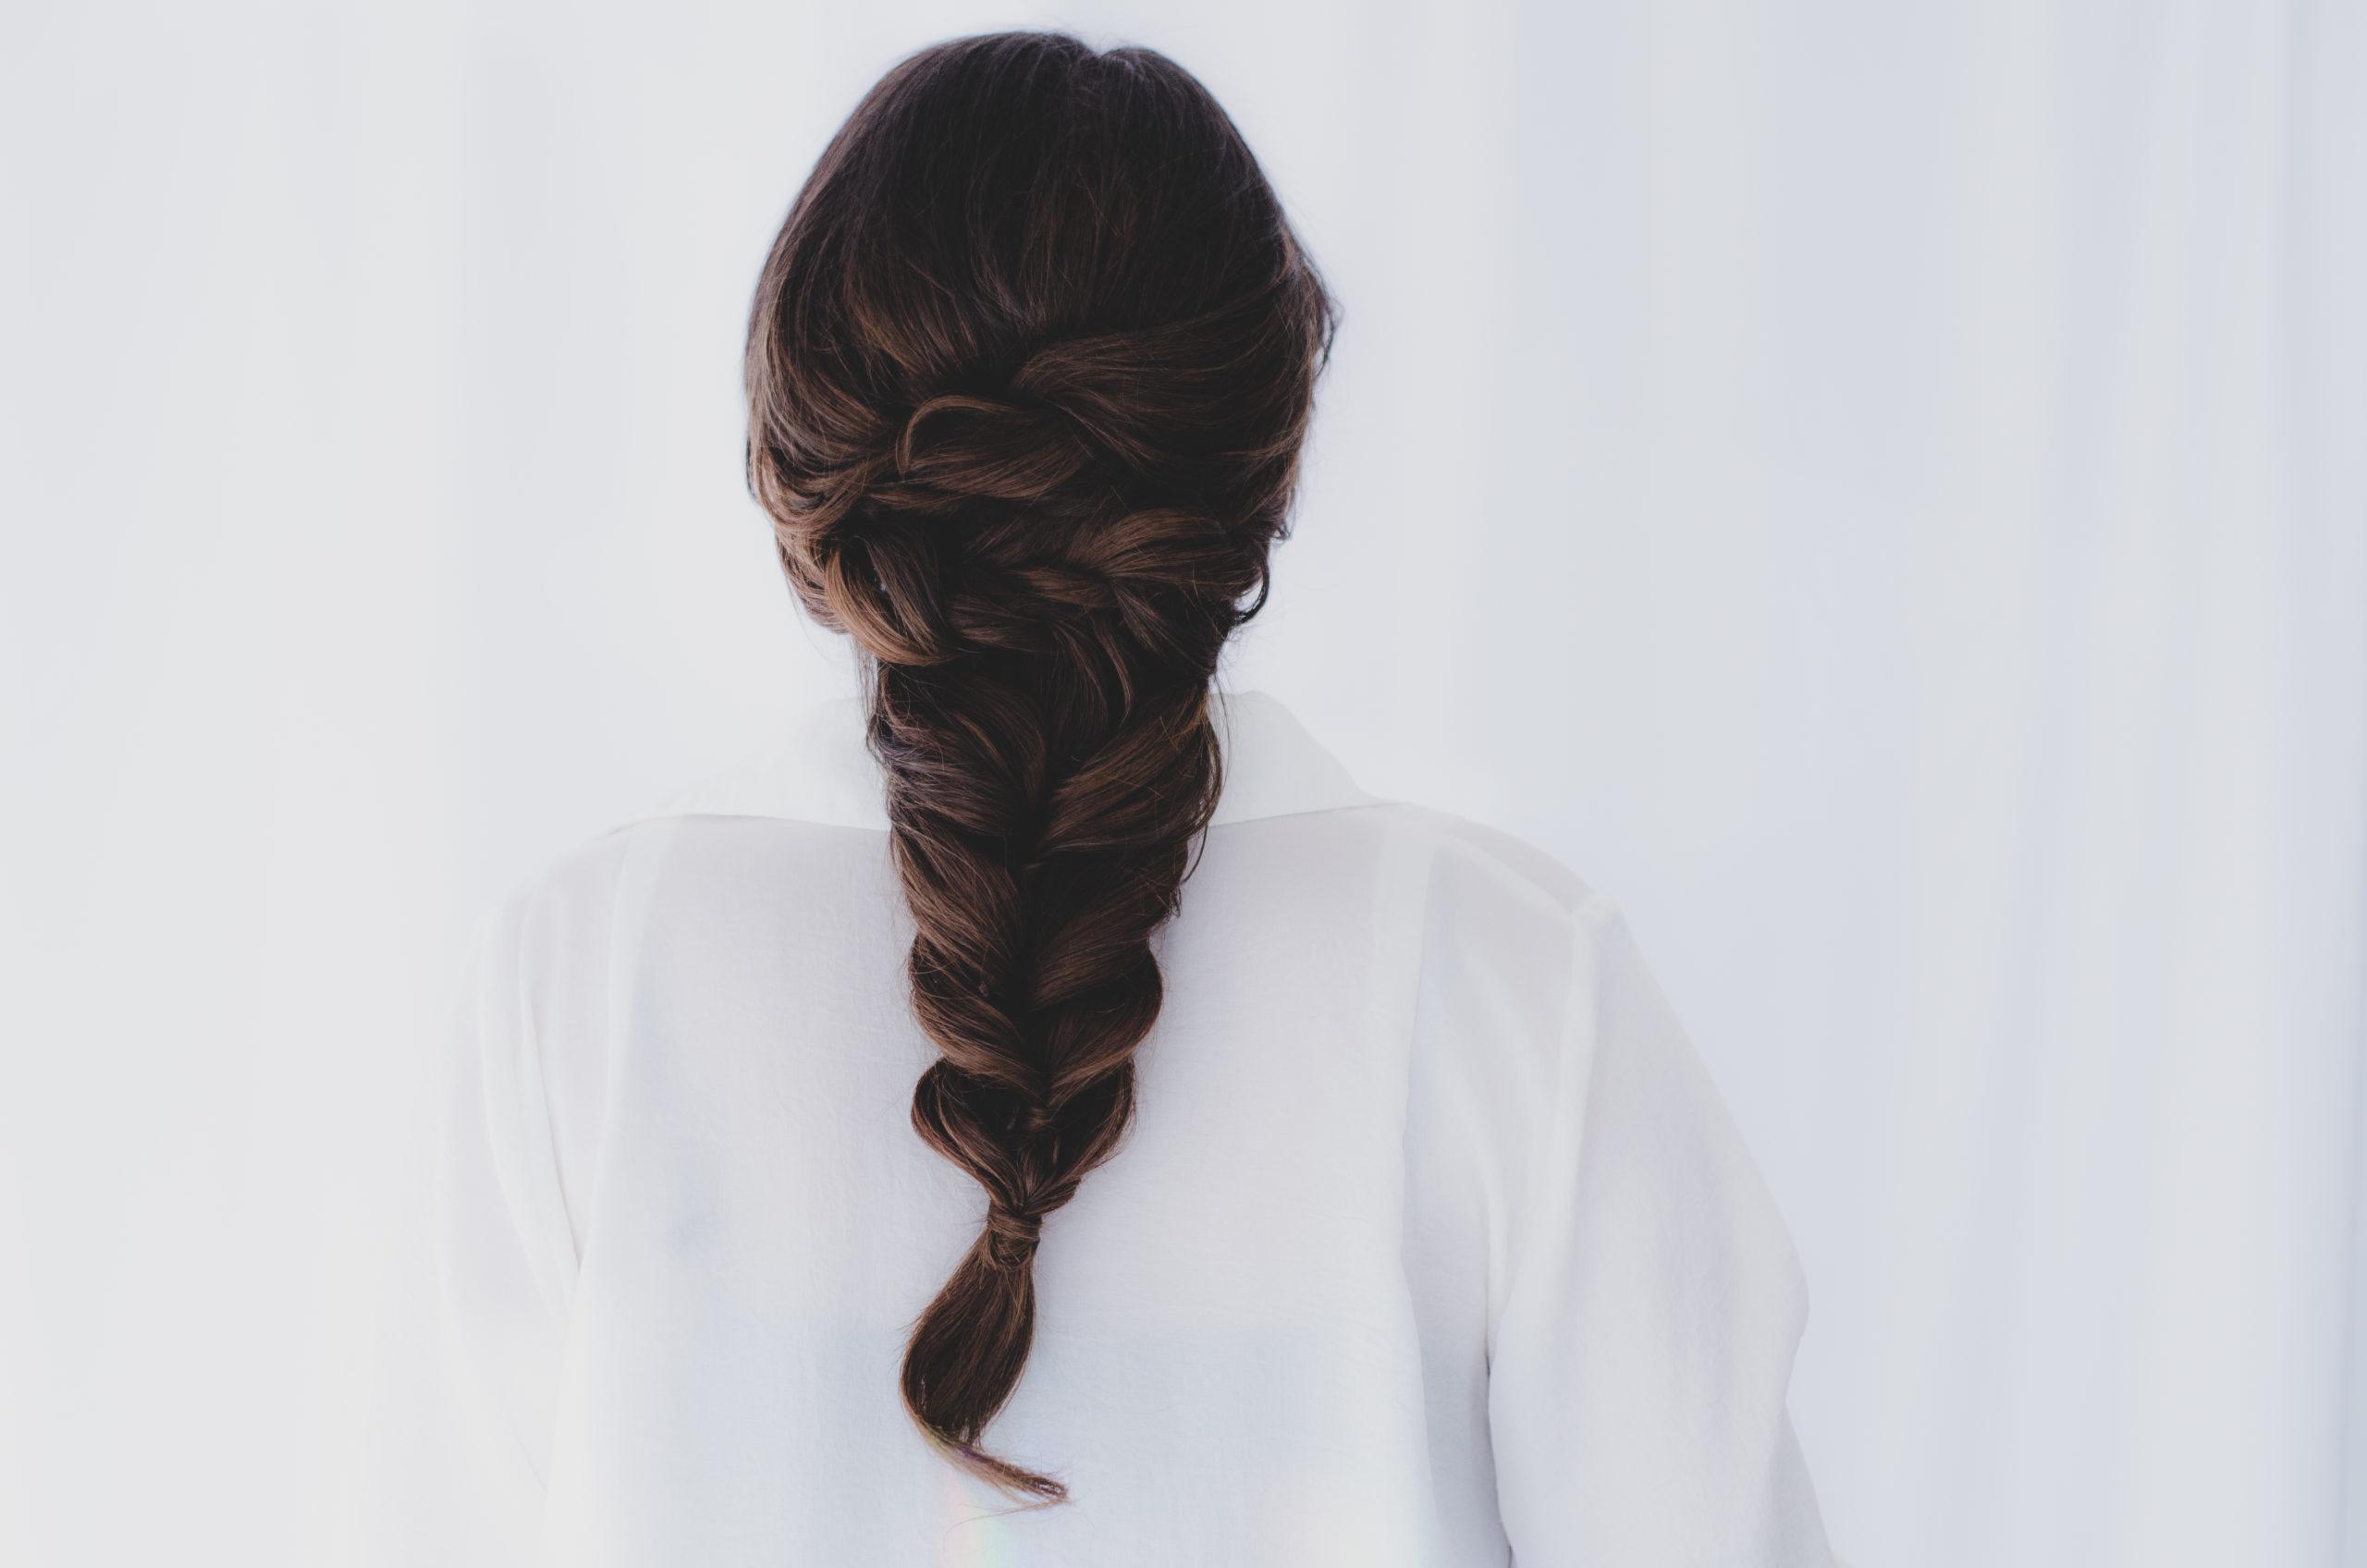 Peinado 3 en 1 para novia